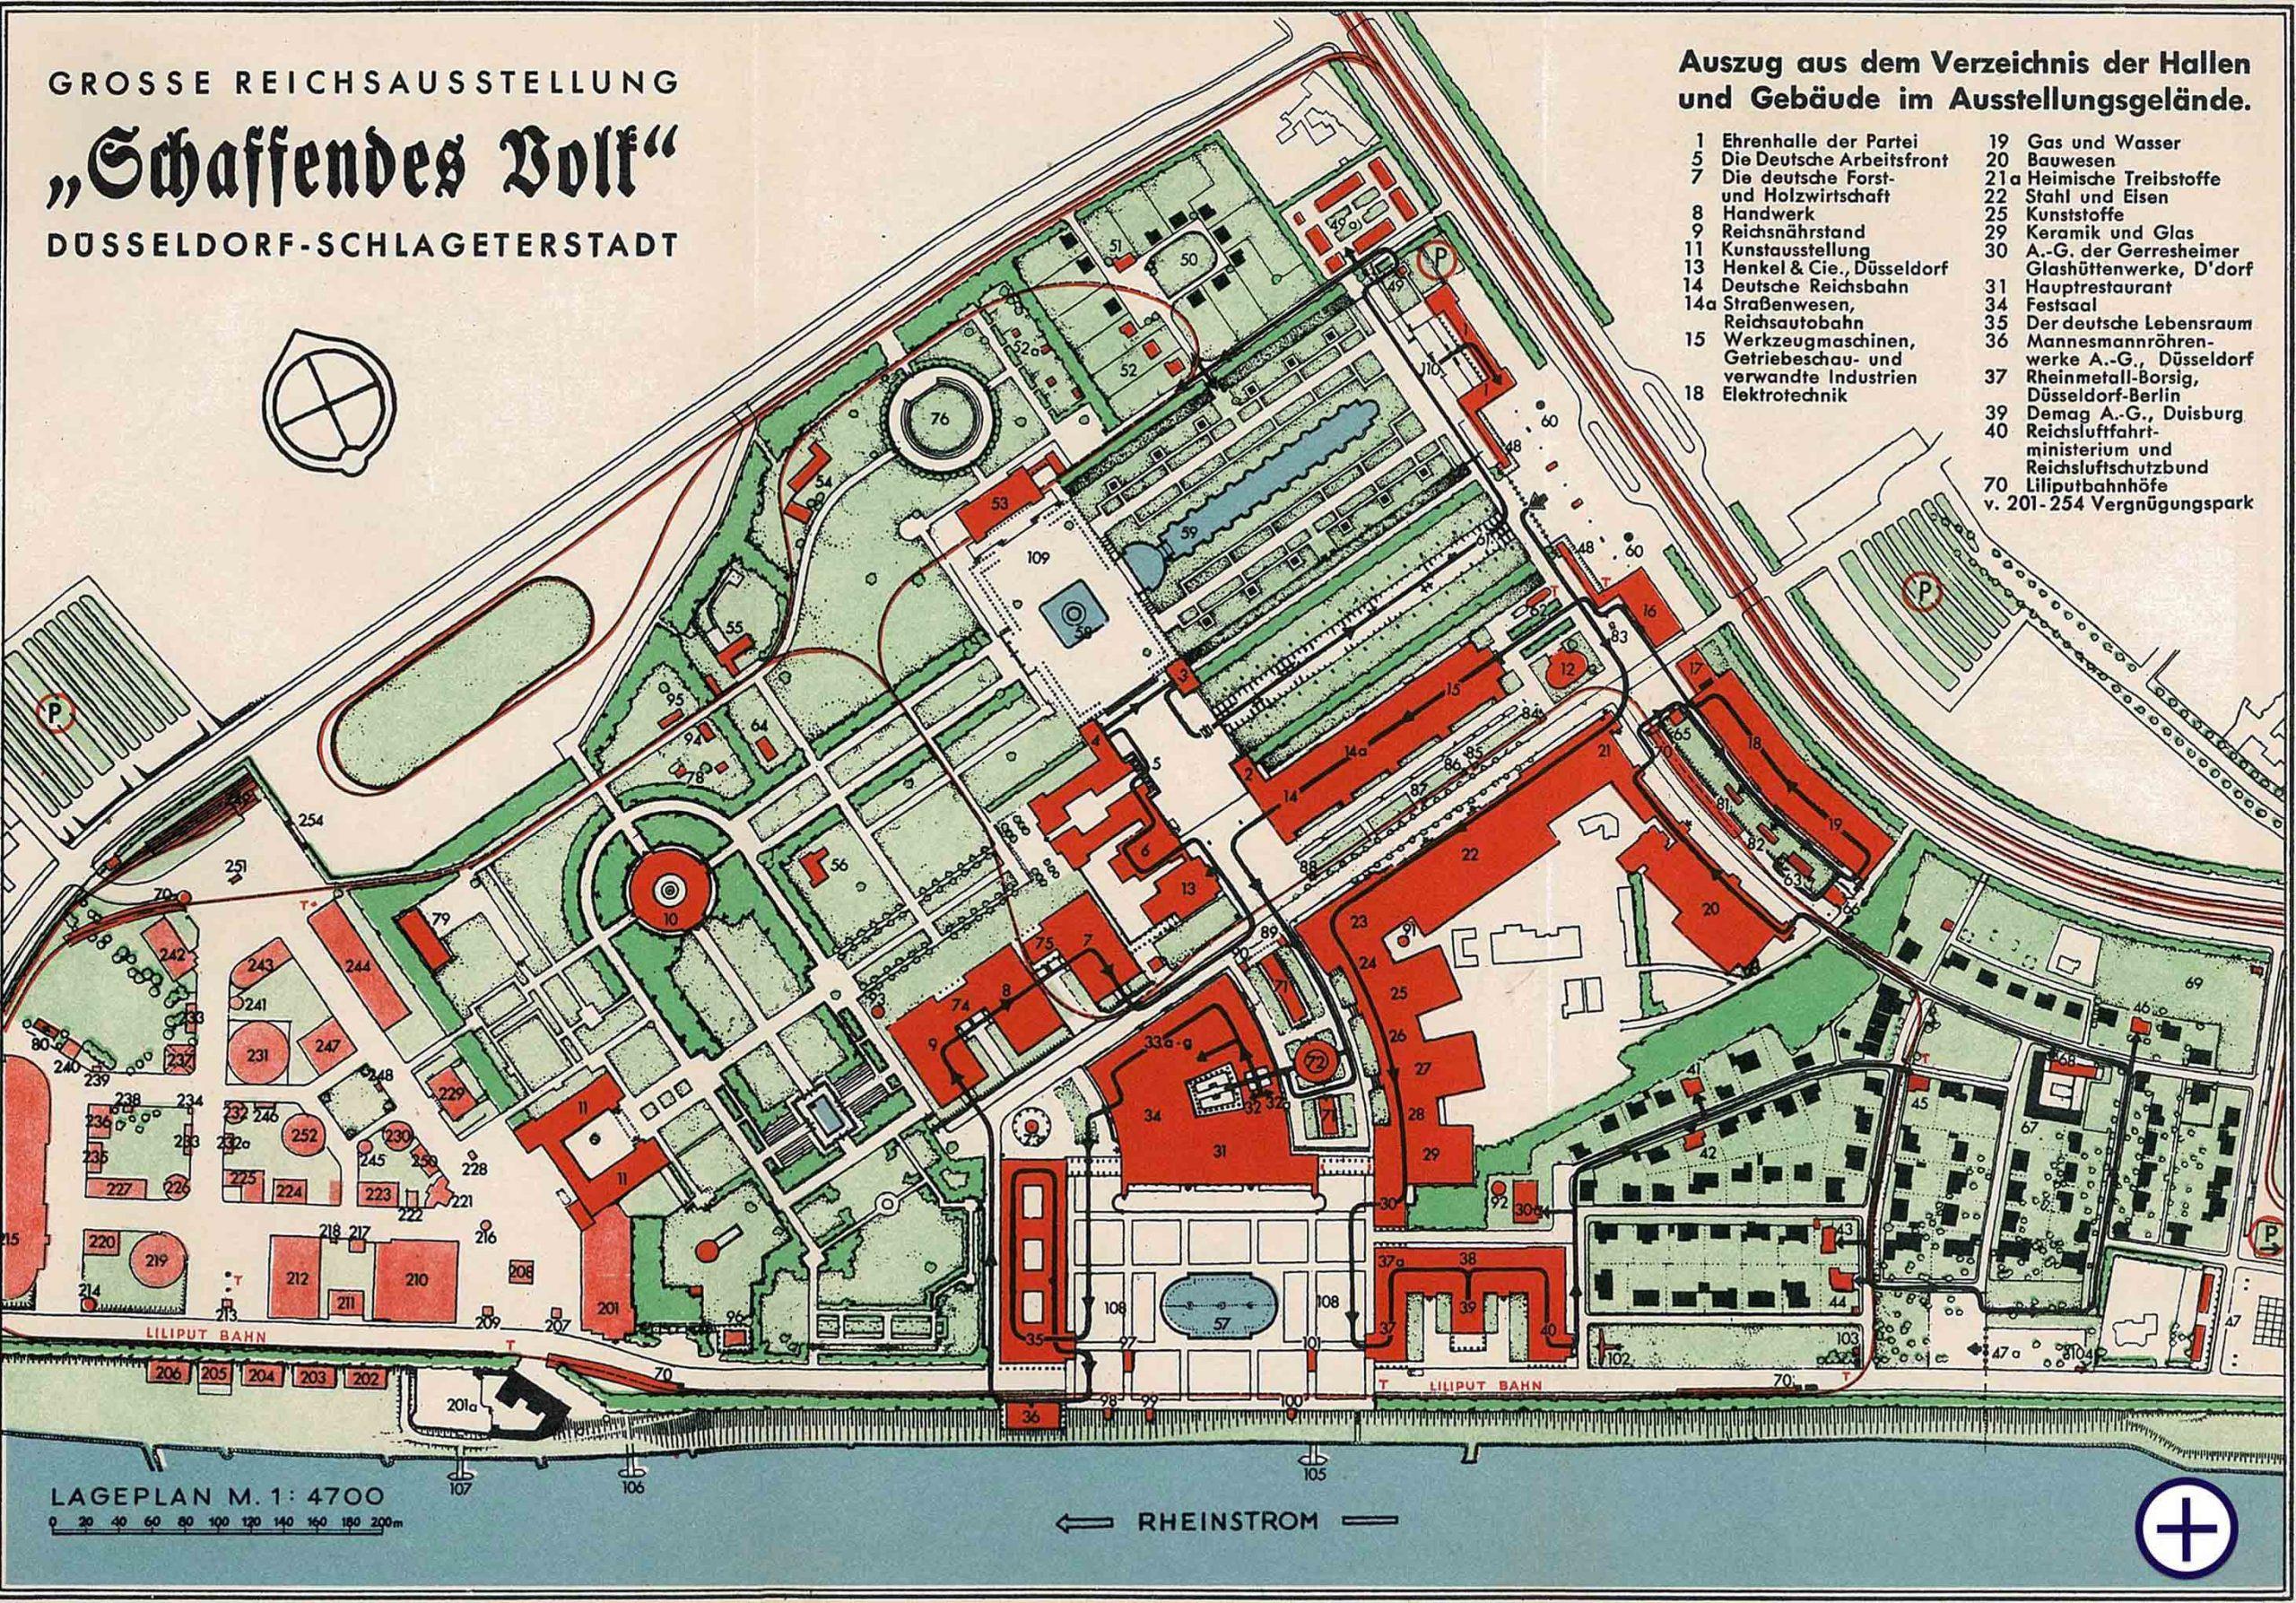 """Lageplan der Ausstellung """"Schaffendes Volk"""" von 1937"""